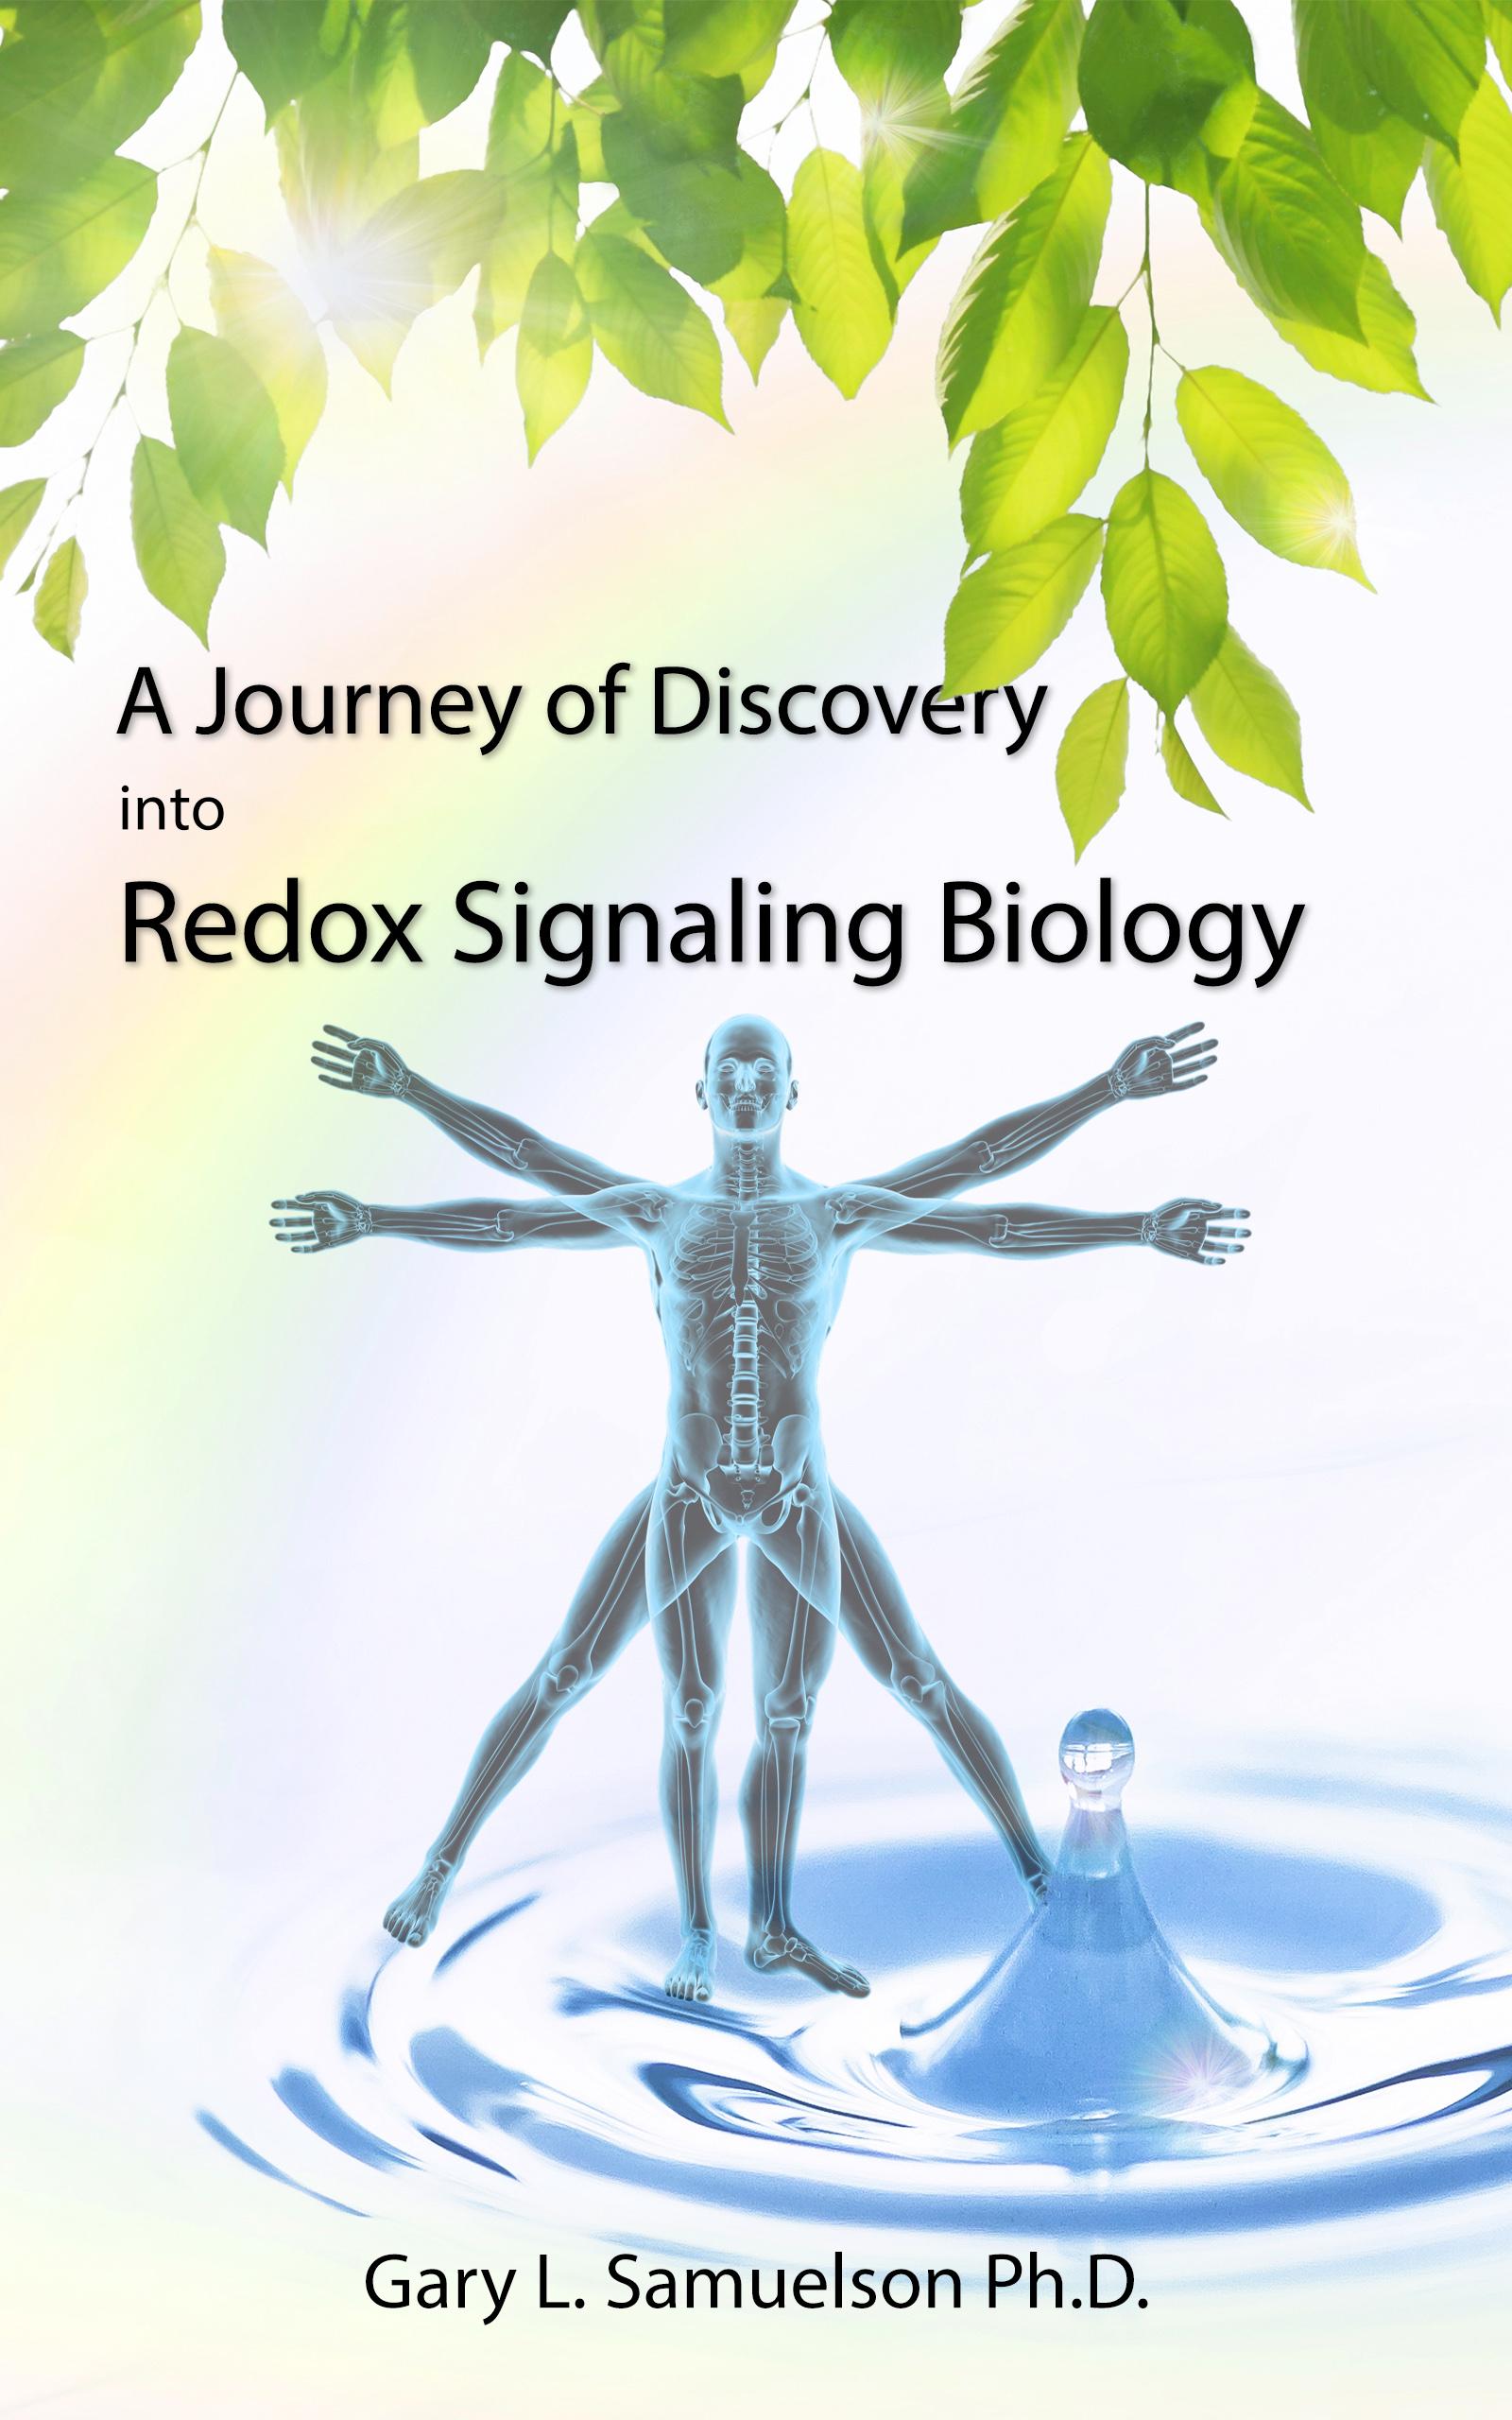 COVER_REDOX_SIGNALING_BIOLOGY